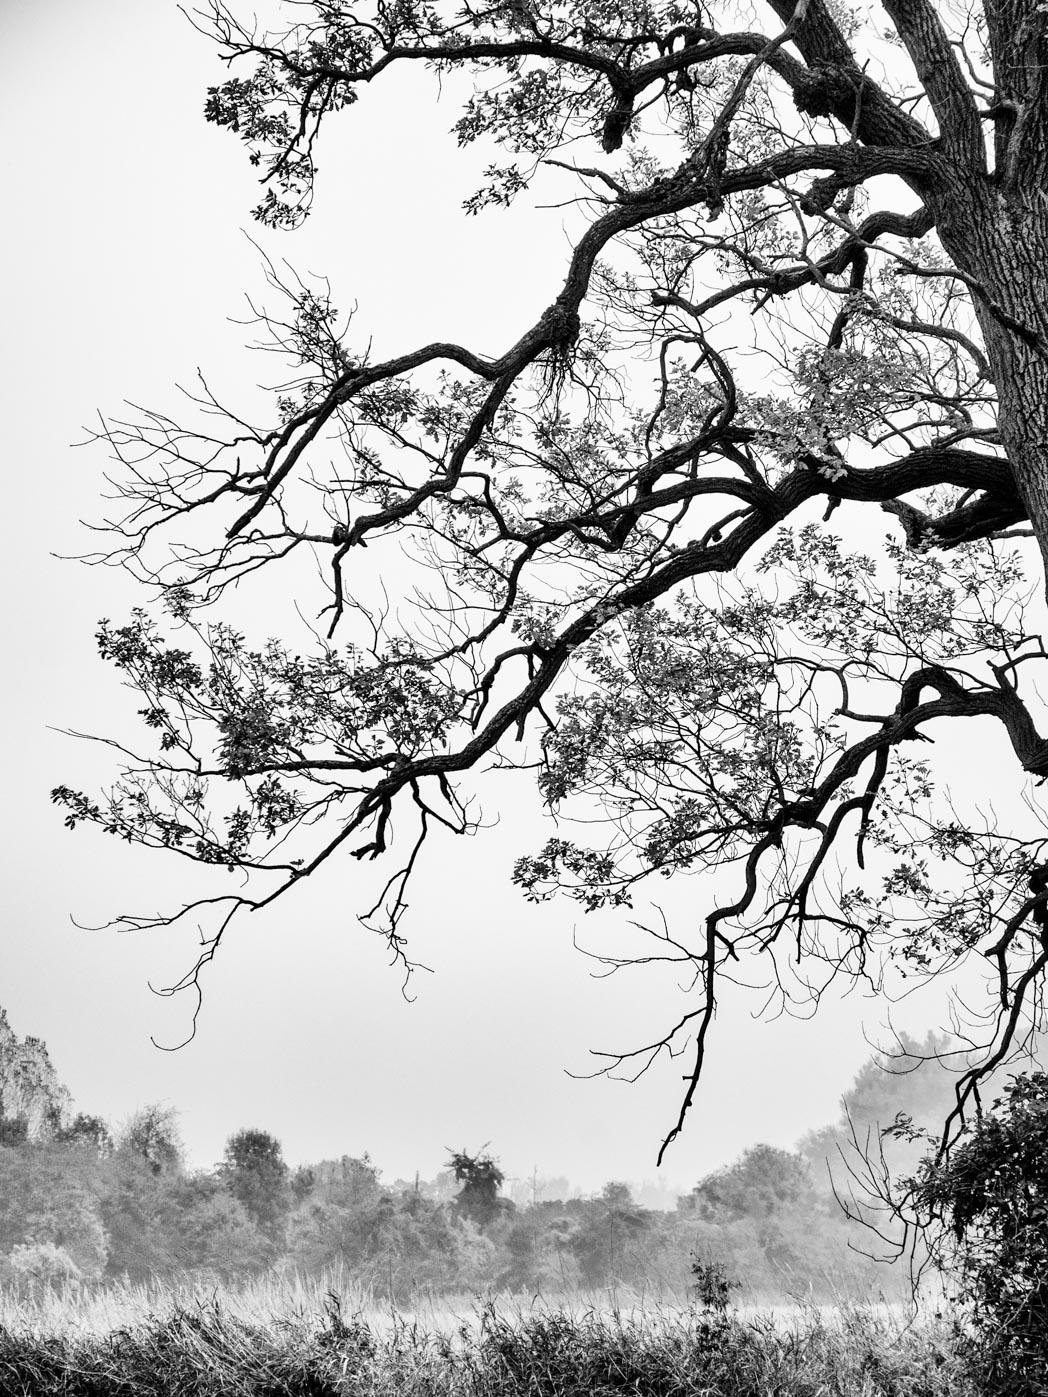 Herbst schwarz weiß